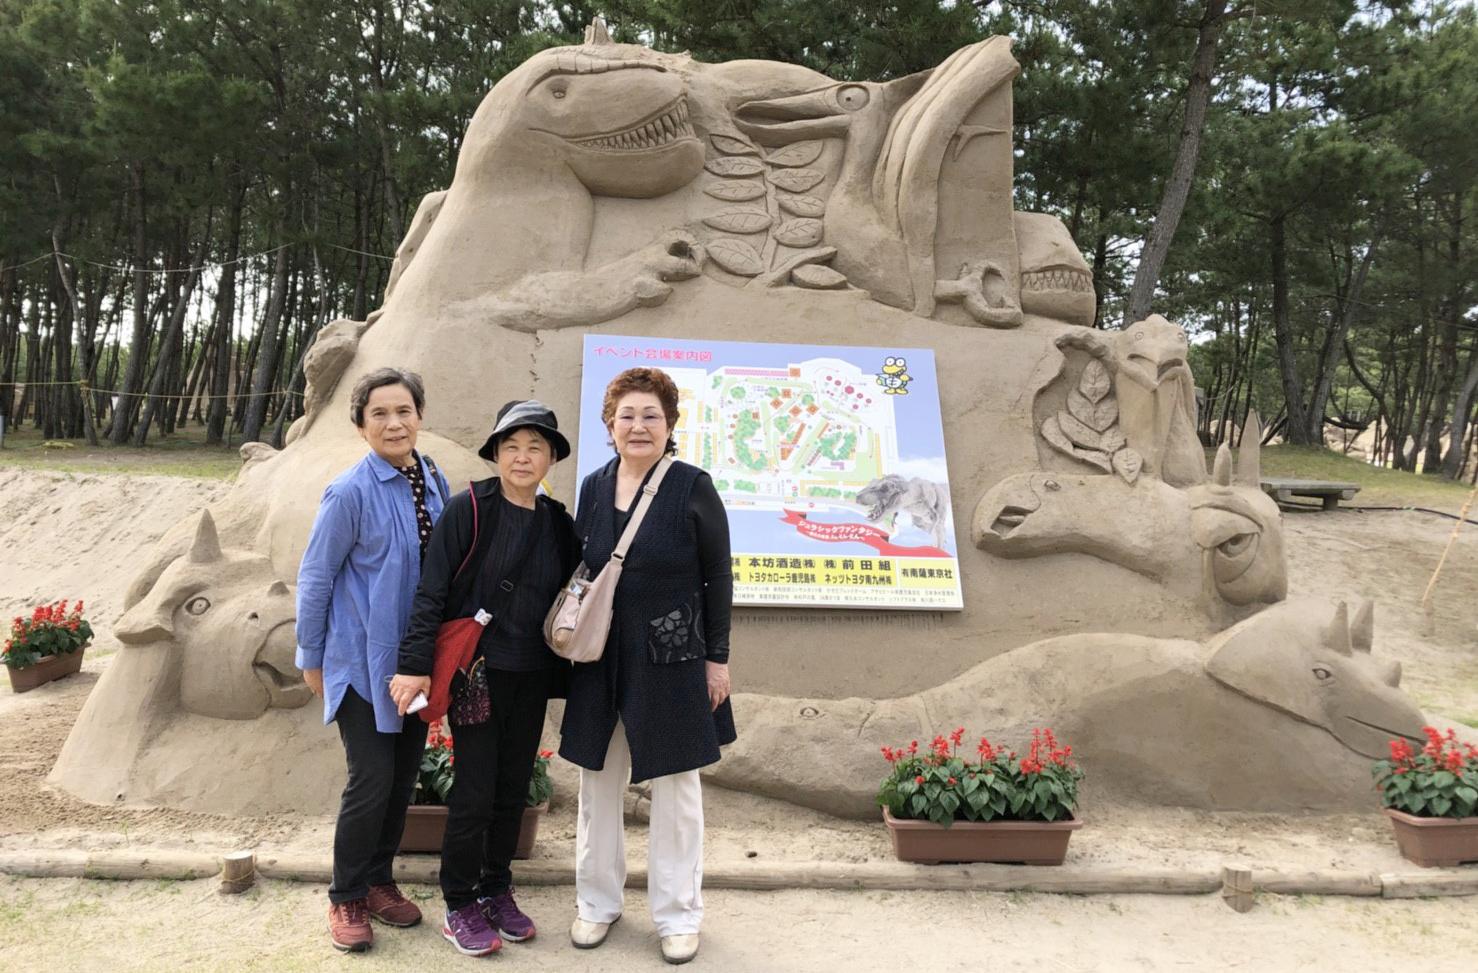 鹿児島 大河ドラマで話題の「かごんま」 砂の祭典ツアー